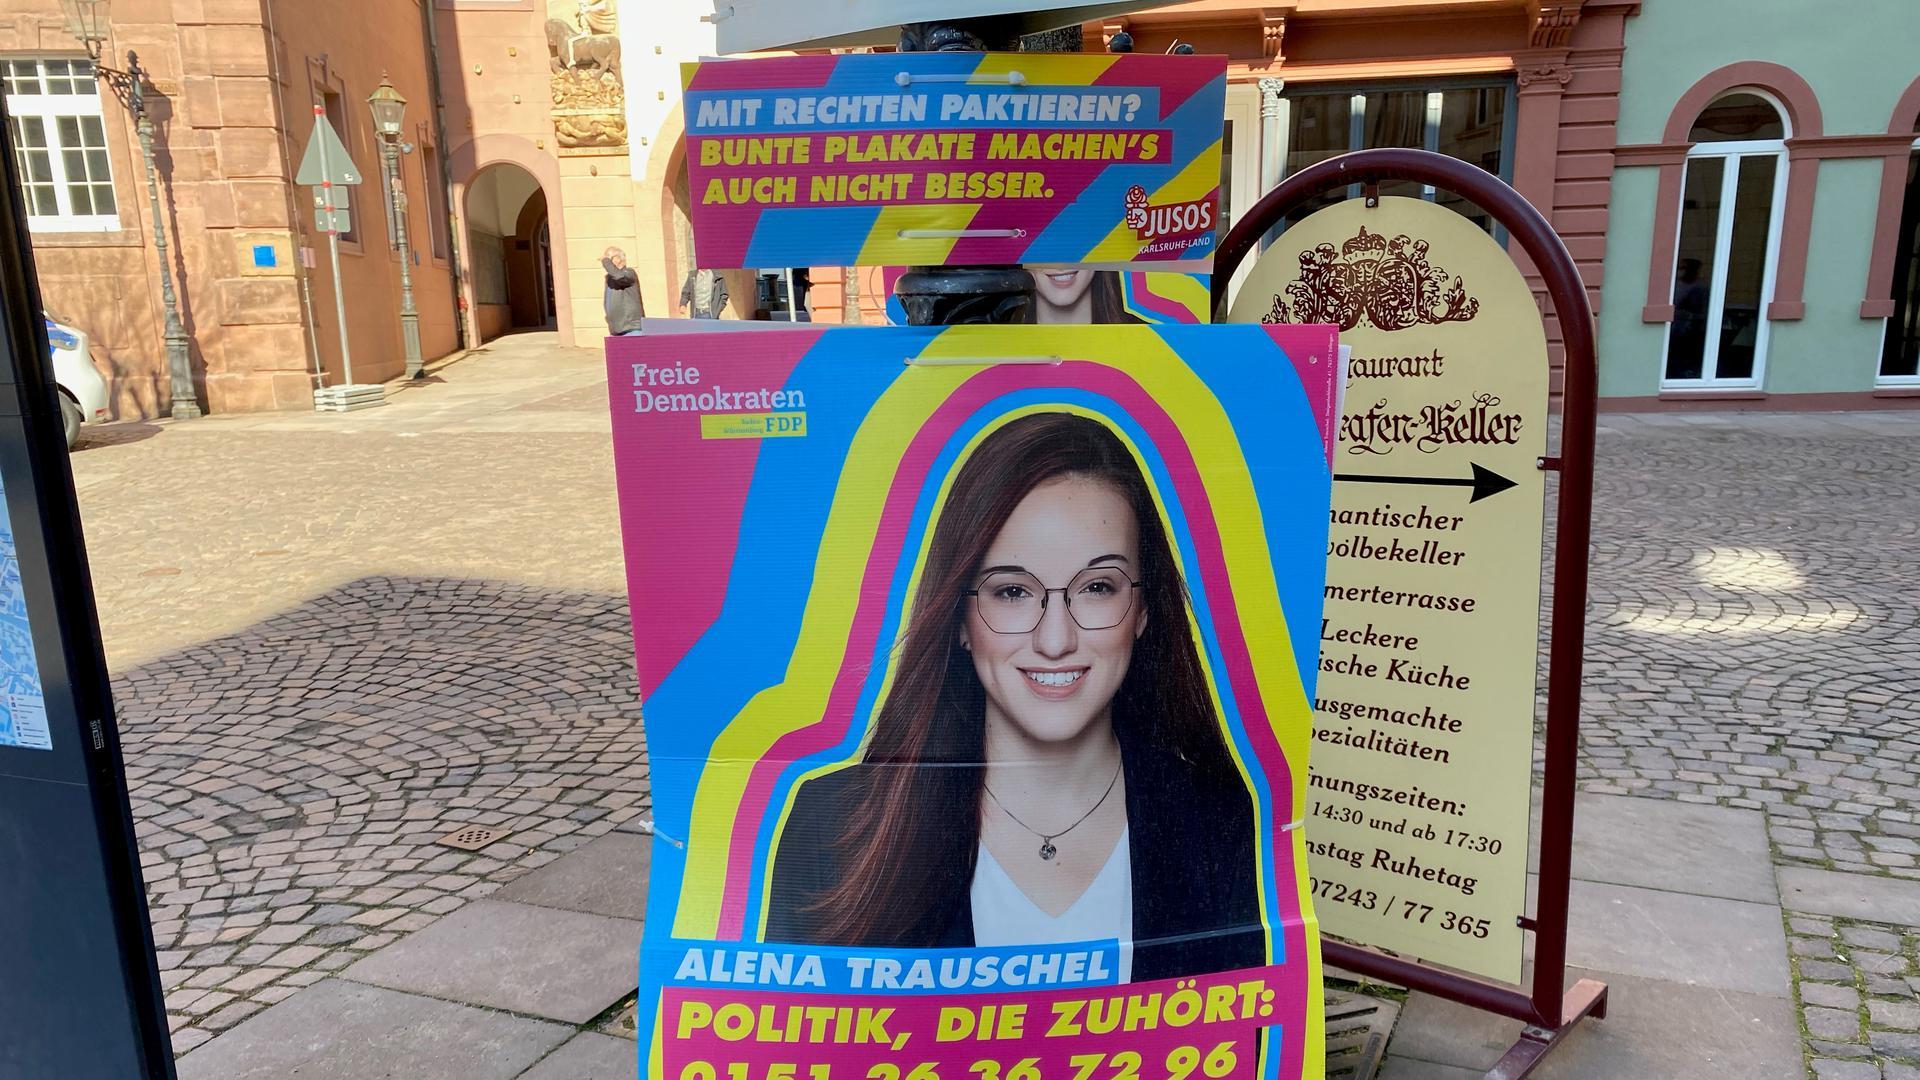 """Provokation: Die Aufschrift """"Mit Rechten paktieren? Bunte Plakate machen's auch nicht besser"""" ist seit Samstag über einem Wahlplakat der FDP-Landtagskandidatin Alena Trauschel in Ettlingen zu lesen."""